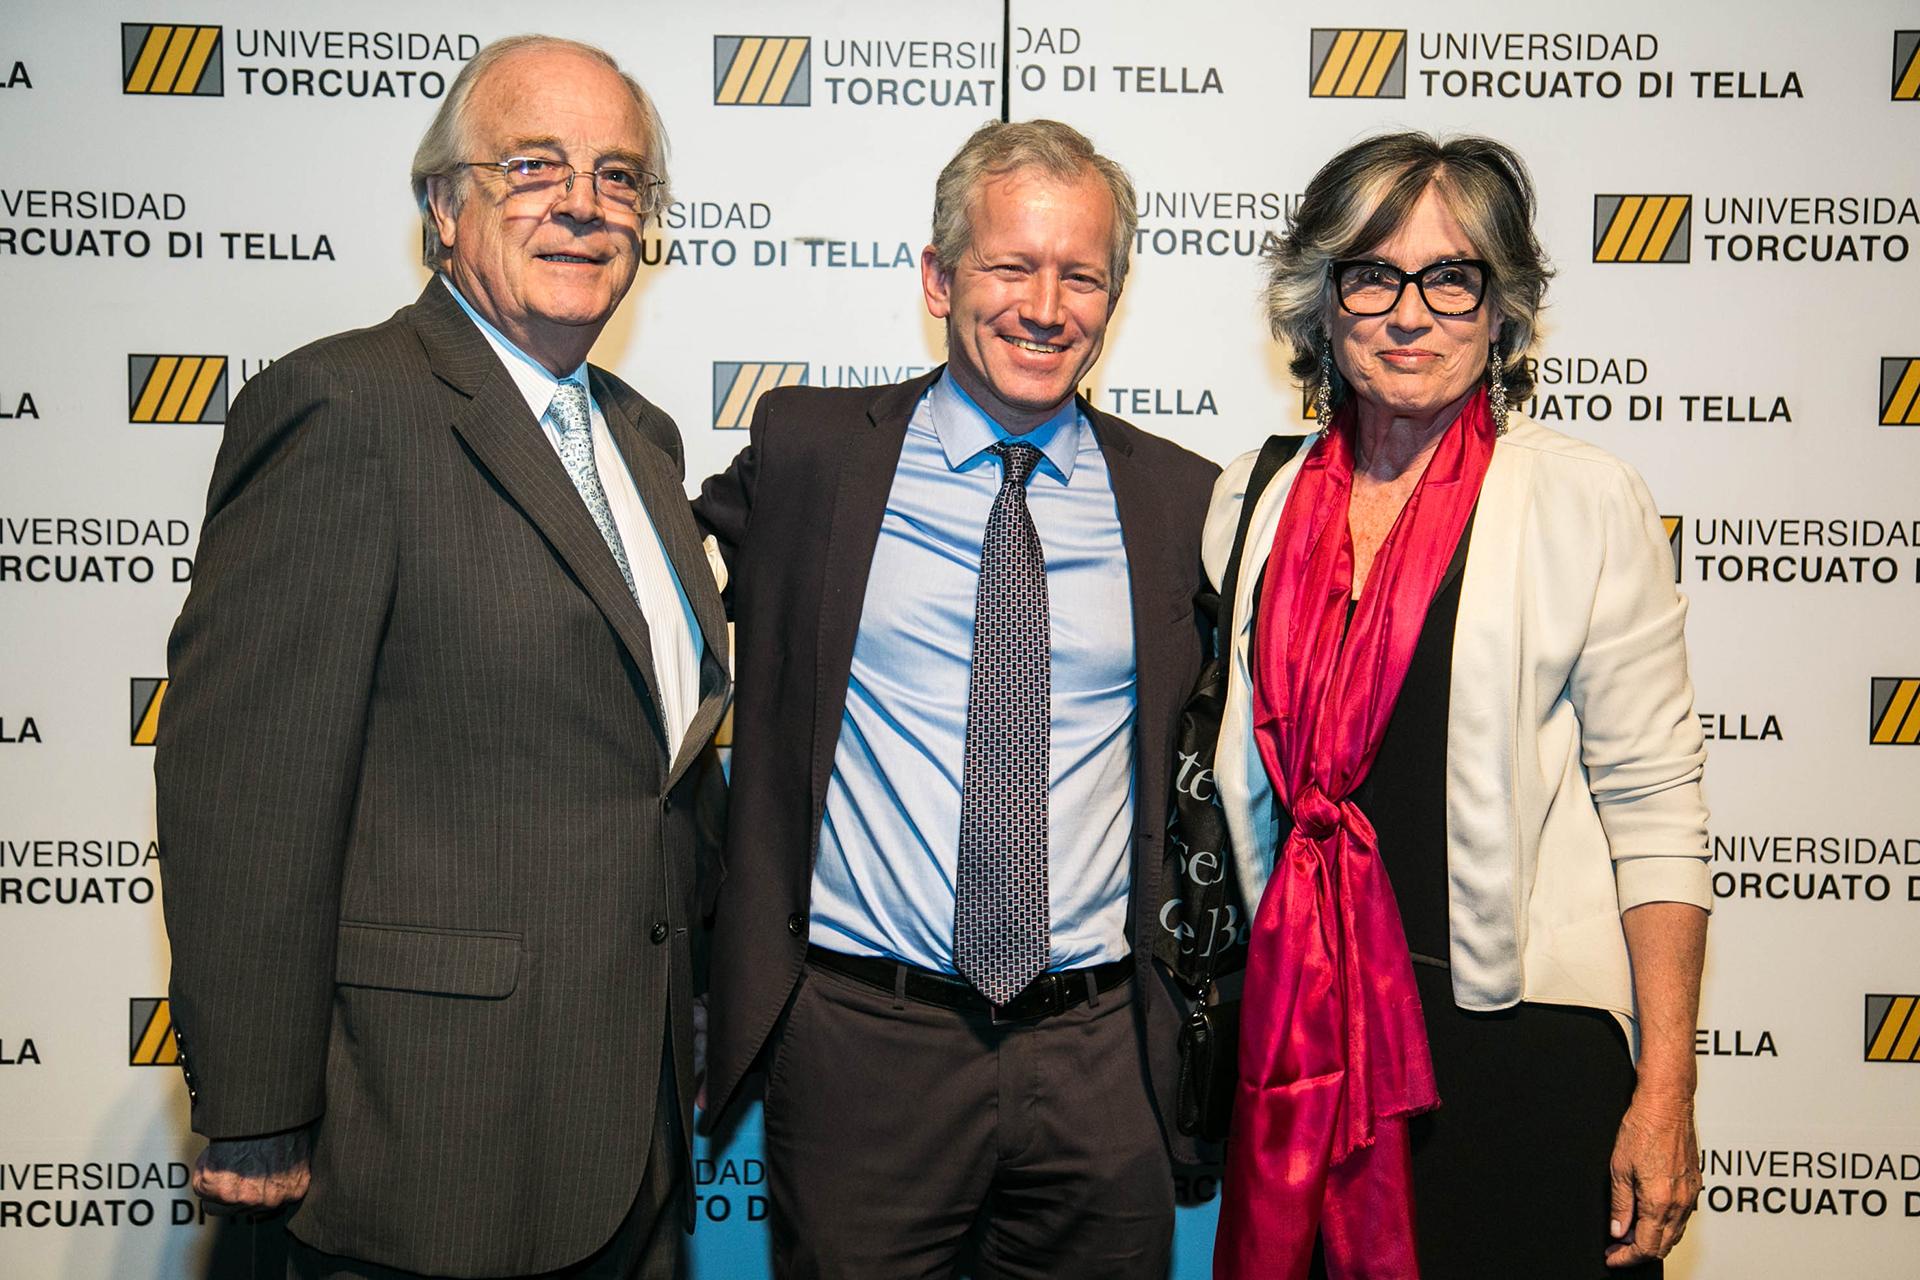 Esteban José Bullrich, y Cristina Miguens miembros del Consejo Económico y Social de la Universidad Tortcuato Di Tella junto al rector Schargrodsky